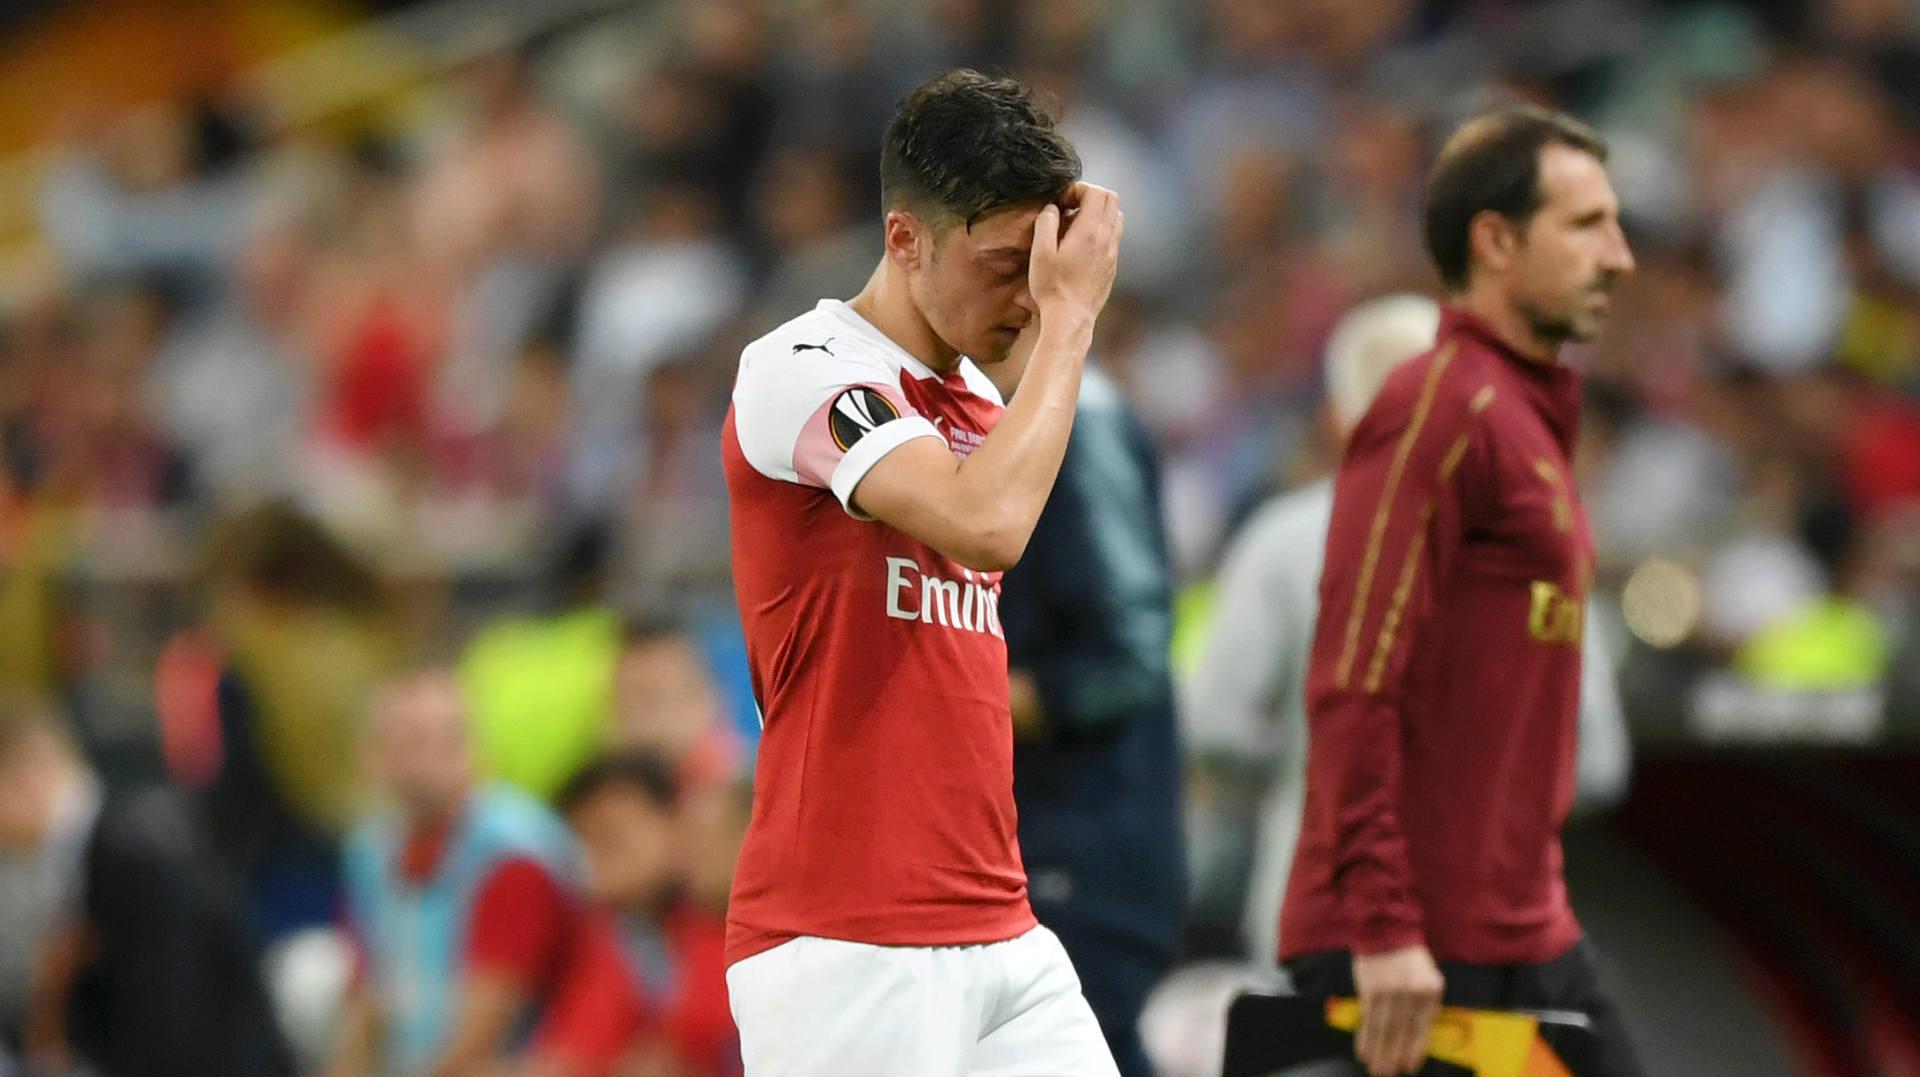 Un joueur d'Arsenal affronte à mains nues des malfaiteurs armés